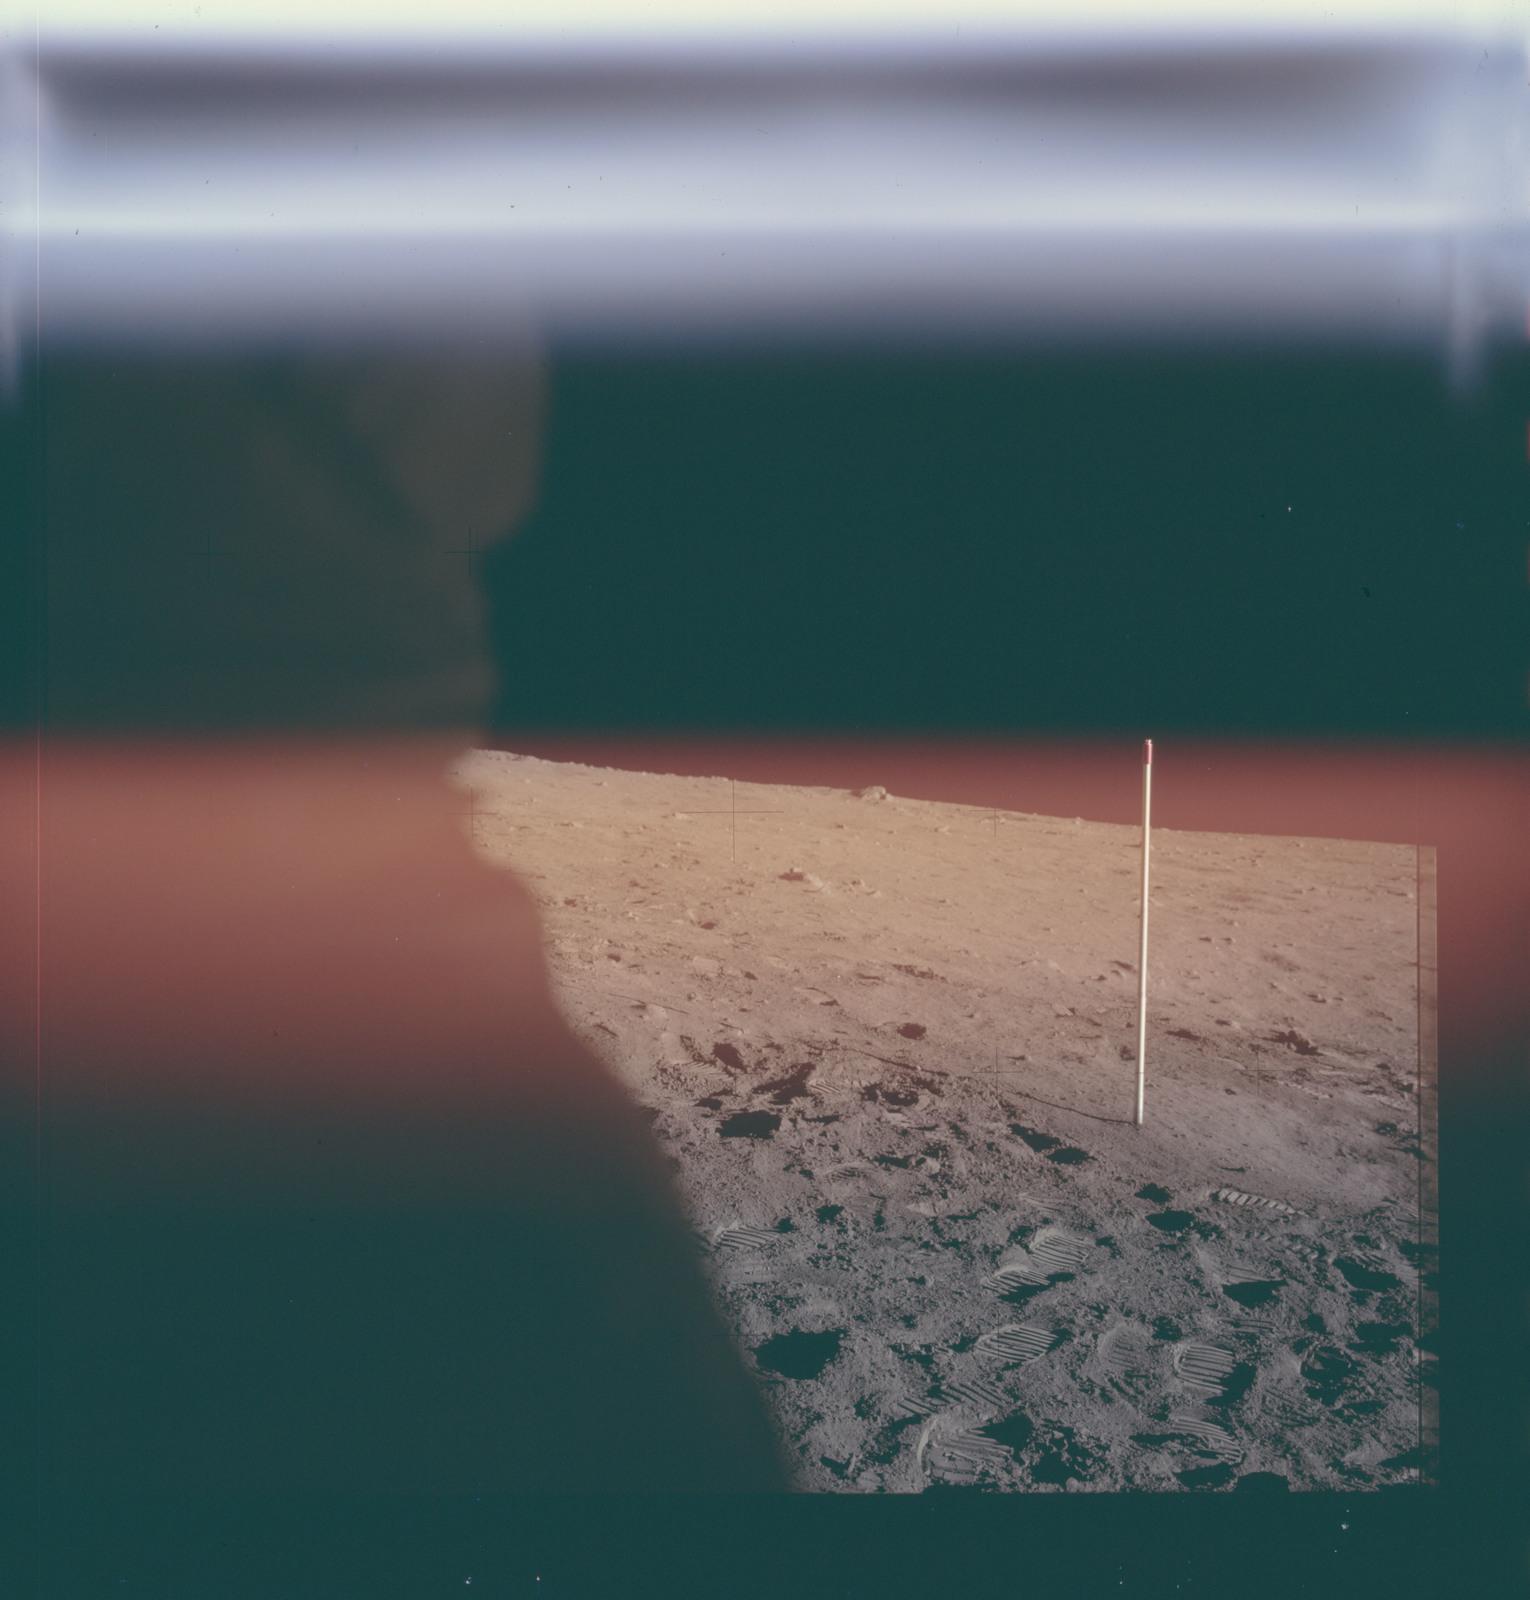 AS11-40-5970 - Apollo 11